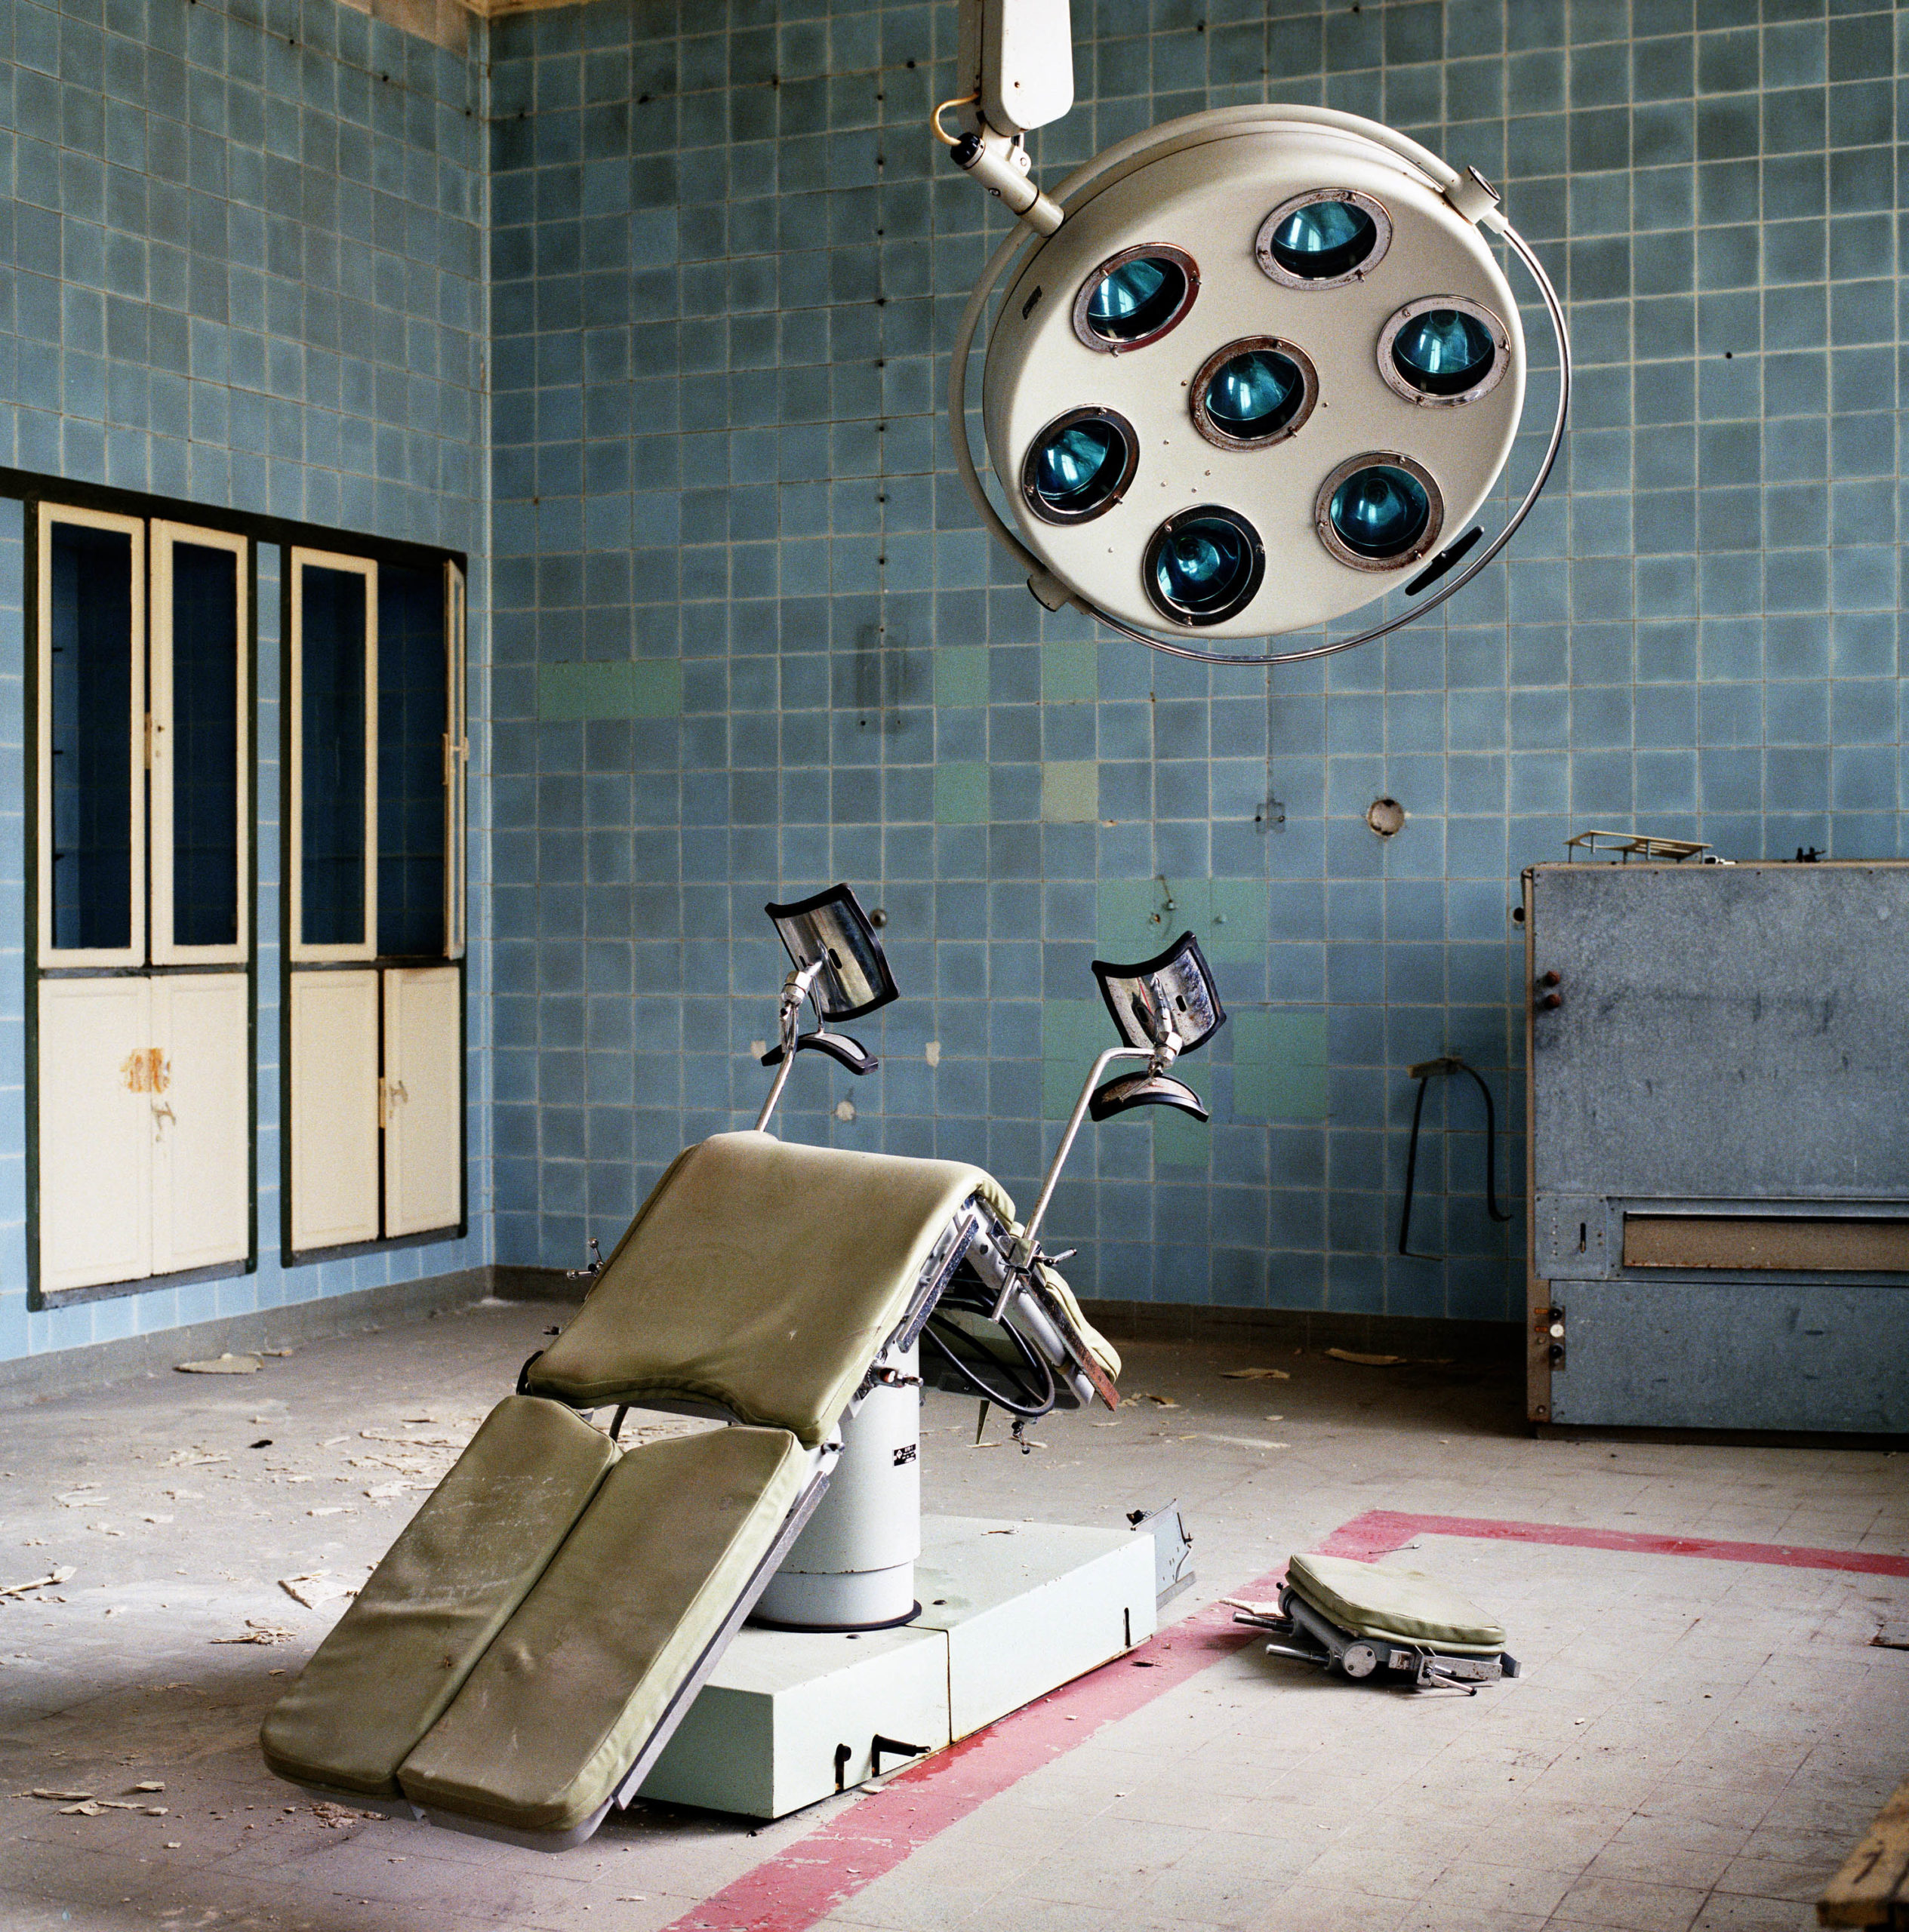 Germany. Soviet Army hospital